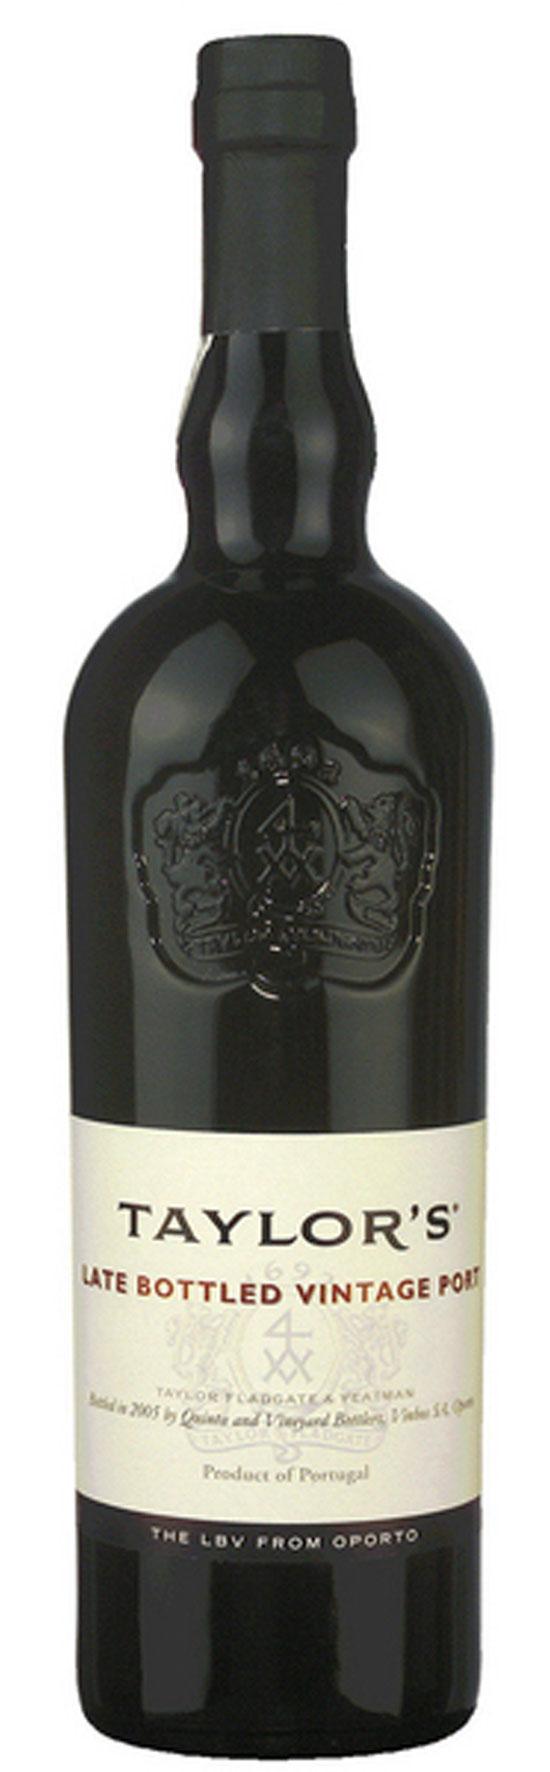 Taylor's Late Bottled Vintage 2015 Portwein